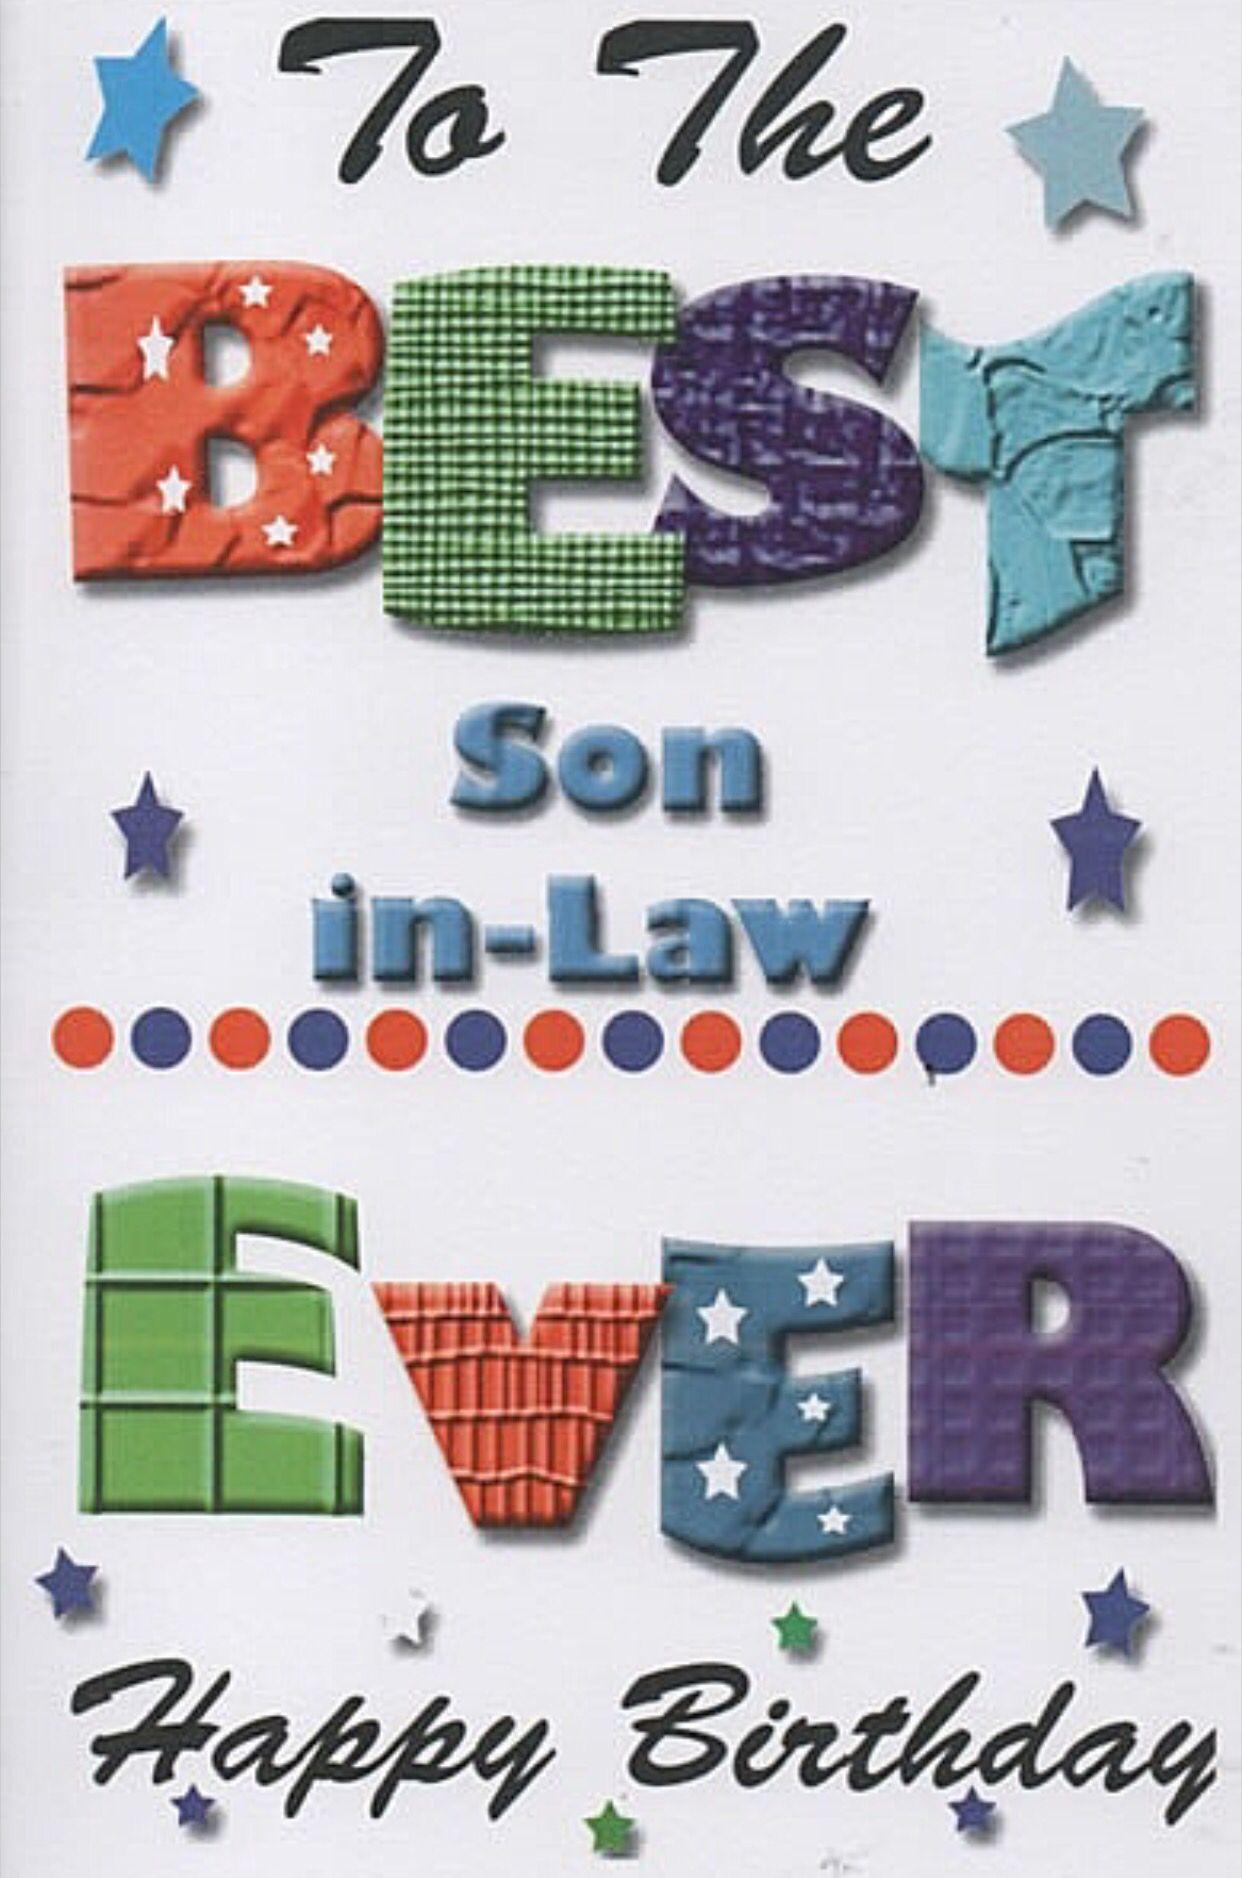 Happy birthday son in law happy birthday son happy